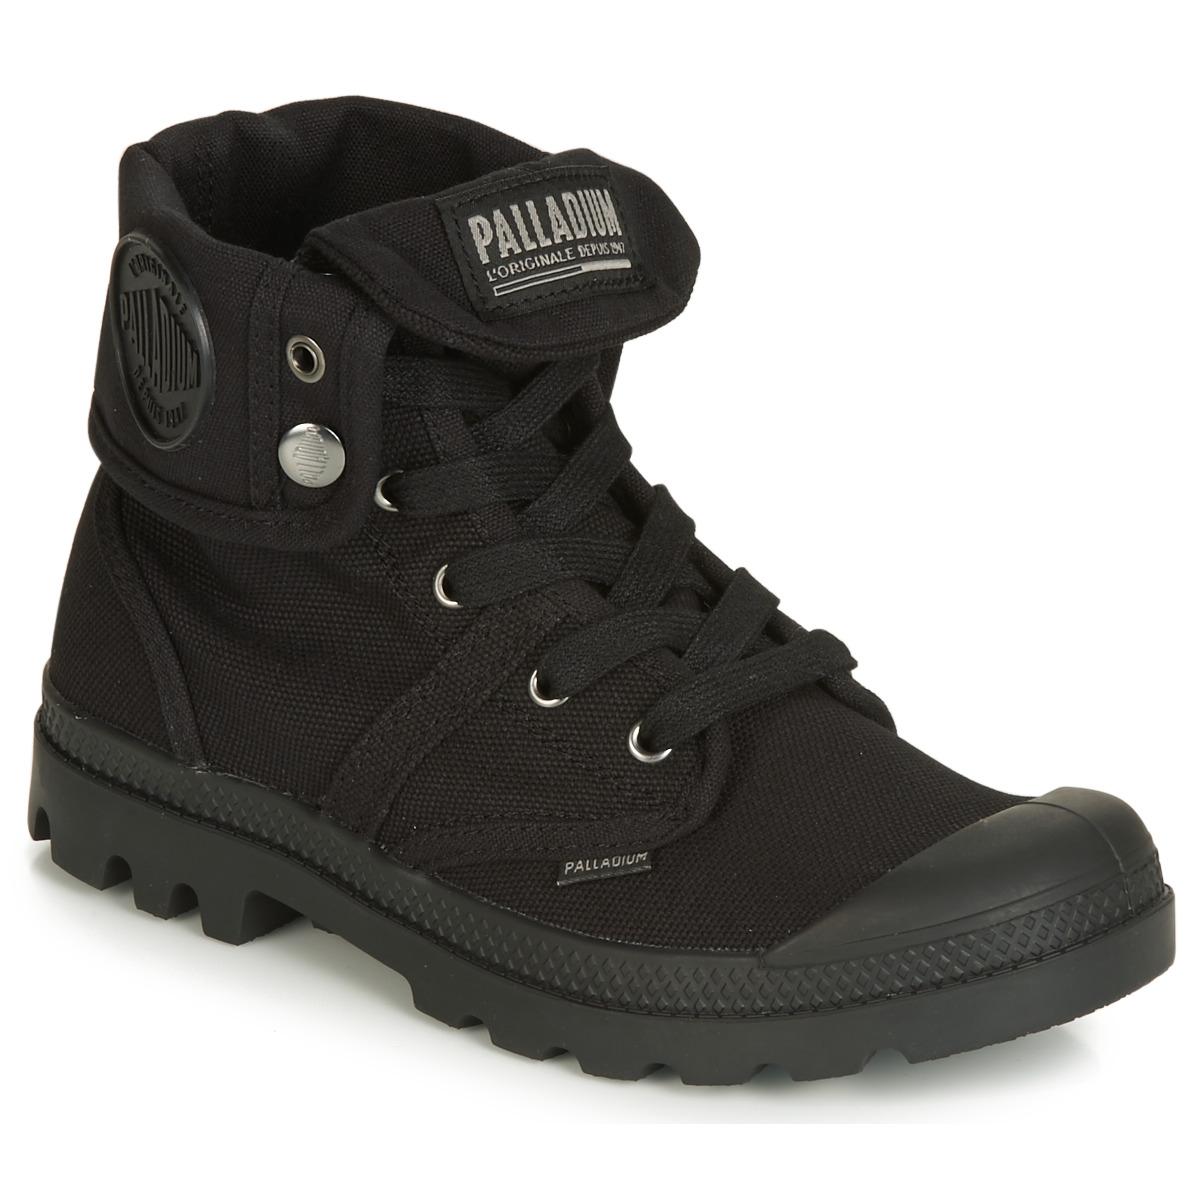 Støvler Palladium  PALLABROUSE BAGGY